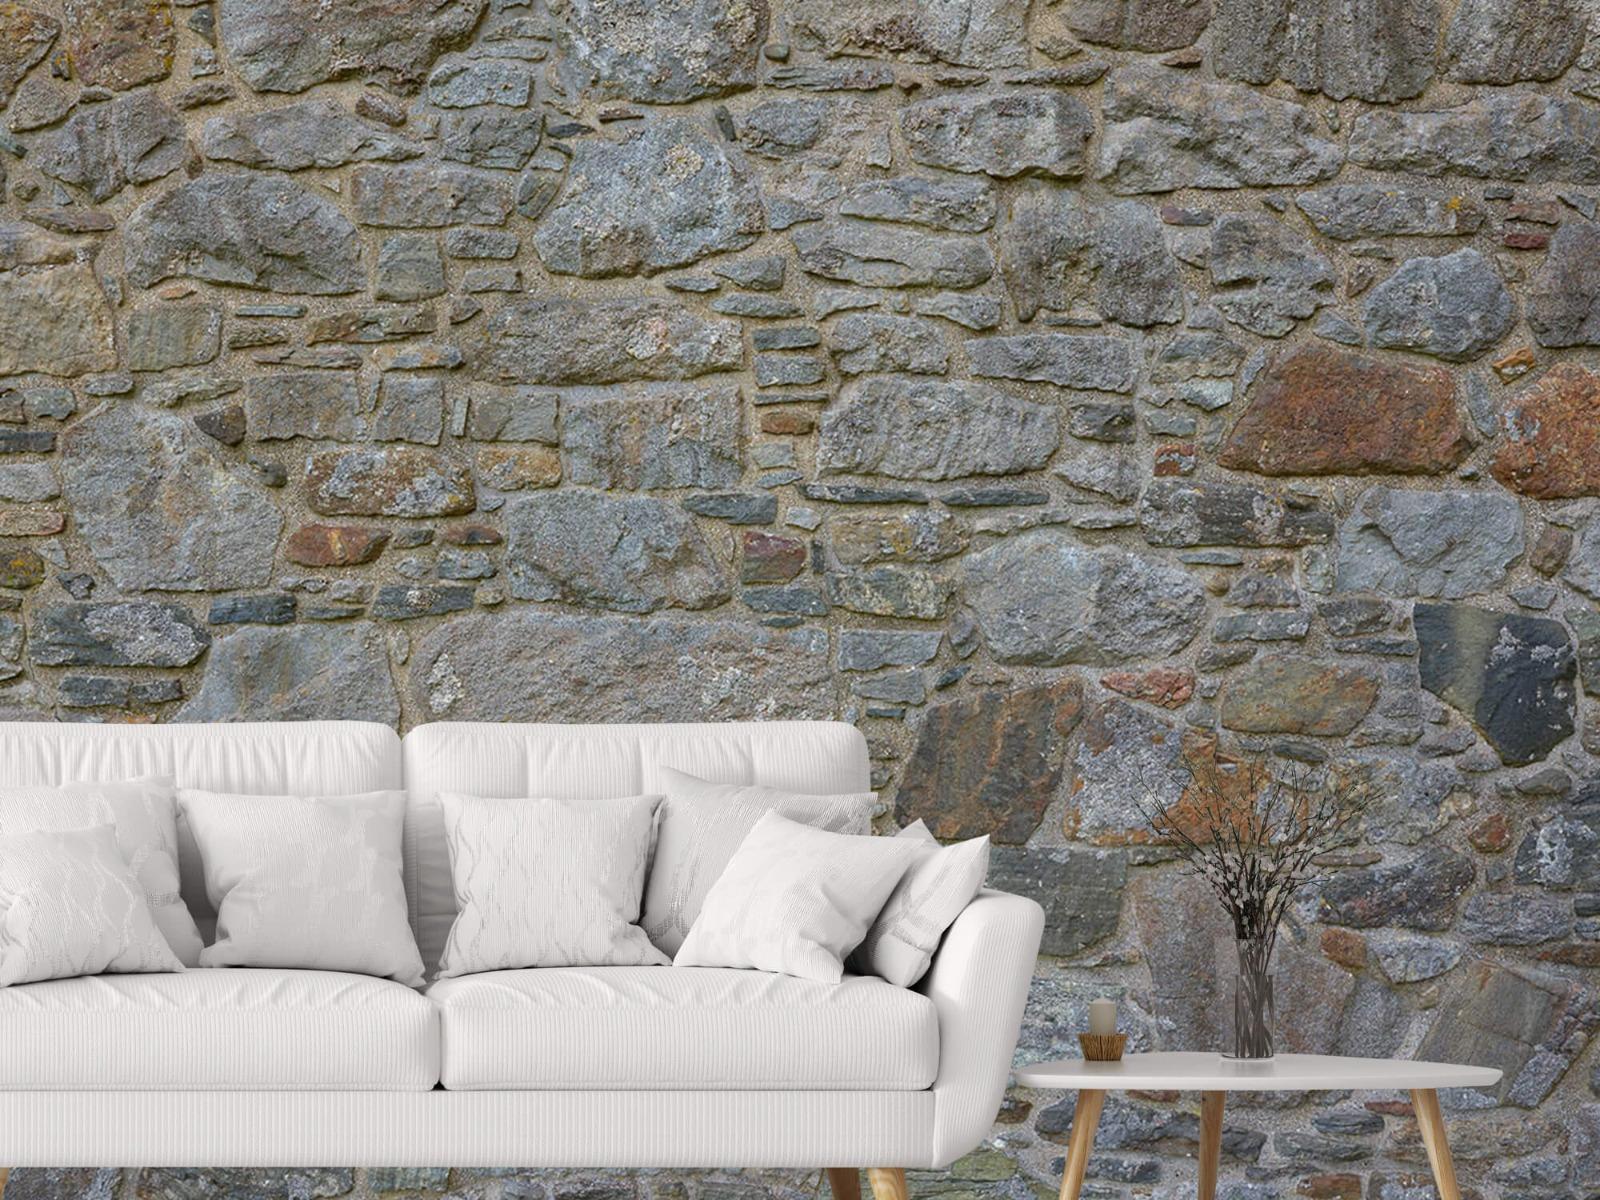 Papier peint en pierre - Mur de pierre médiéval - Chambre à coucher 3